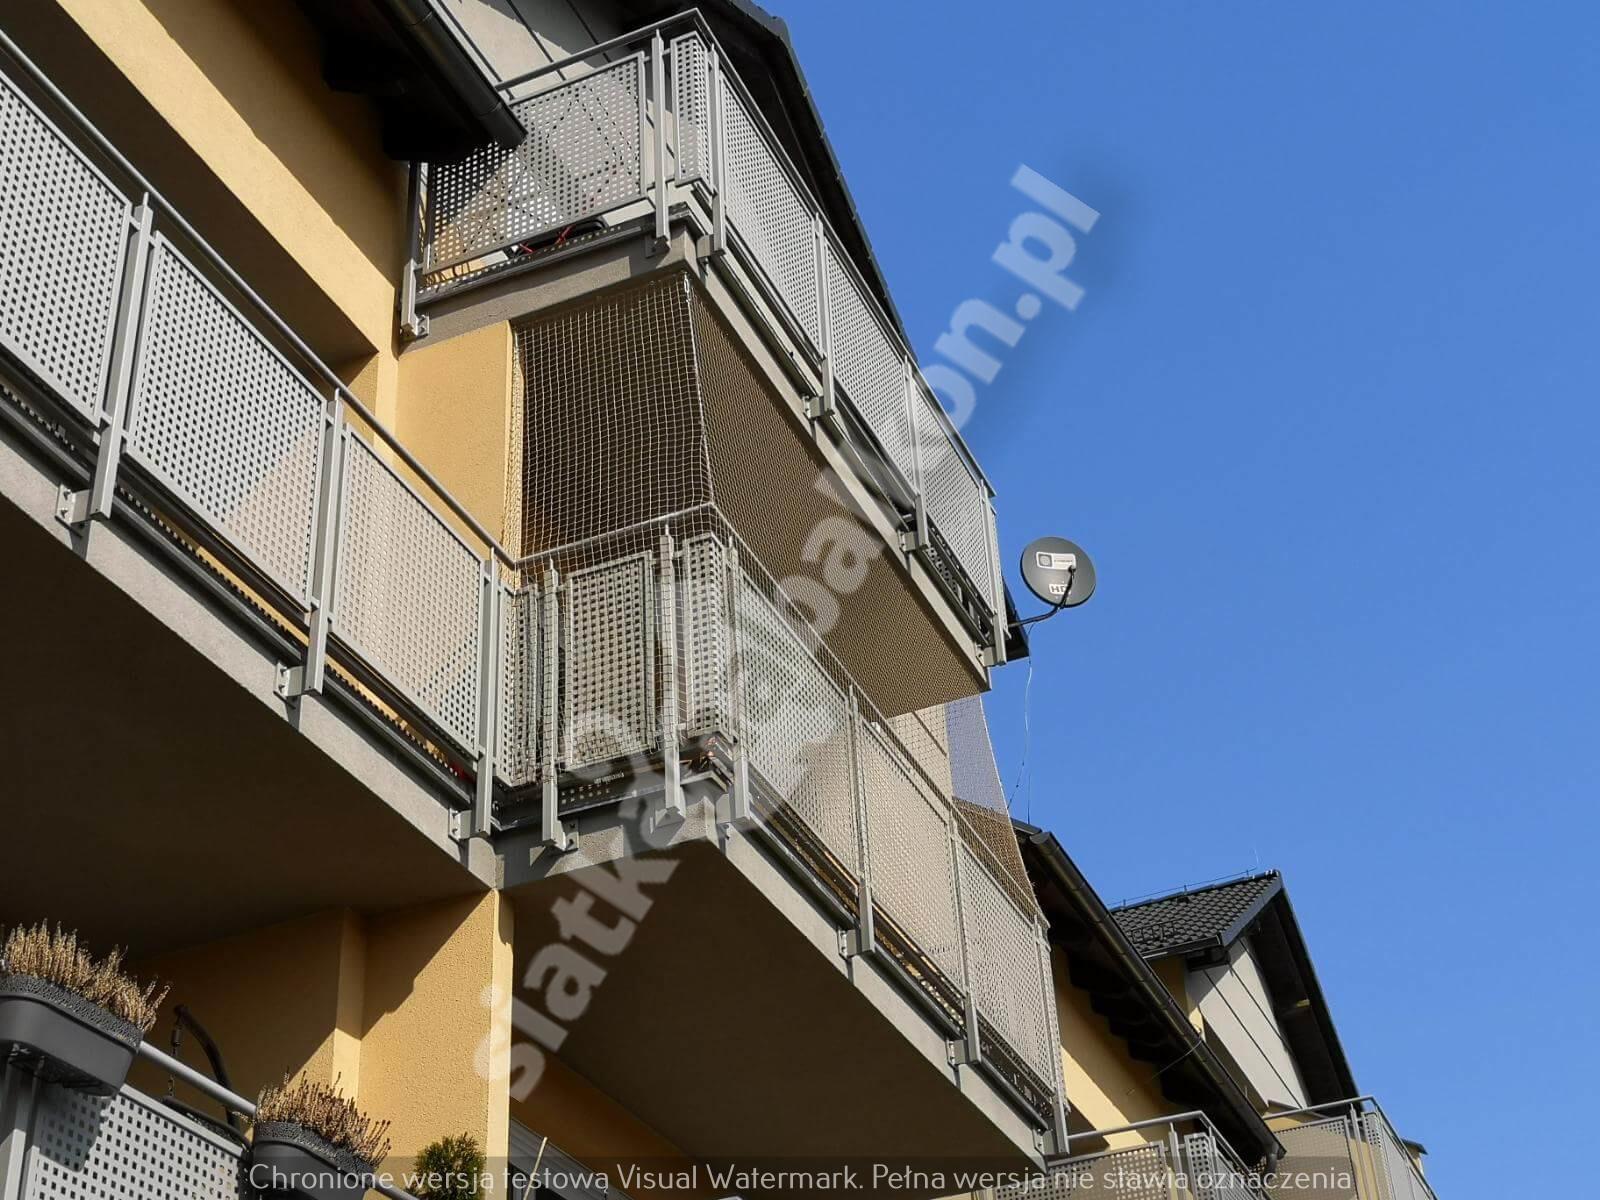 siatka-na-balkon-balkon-wystajacy (4)